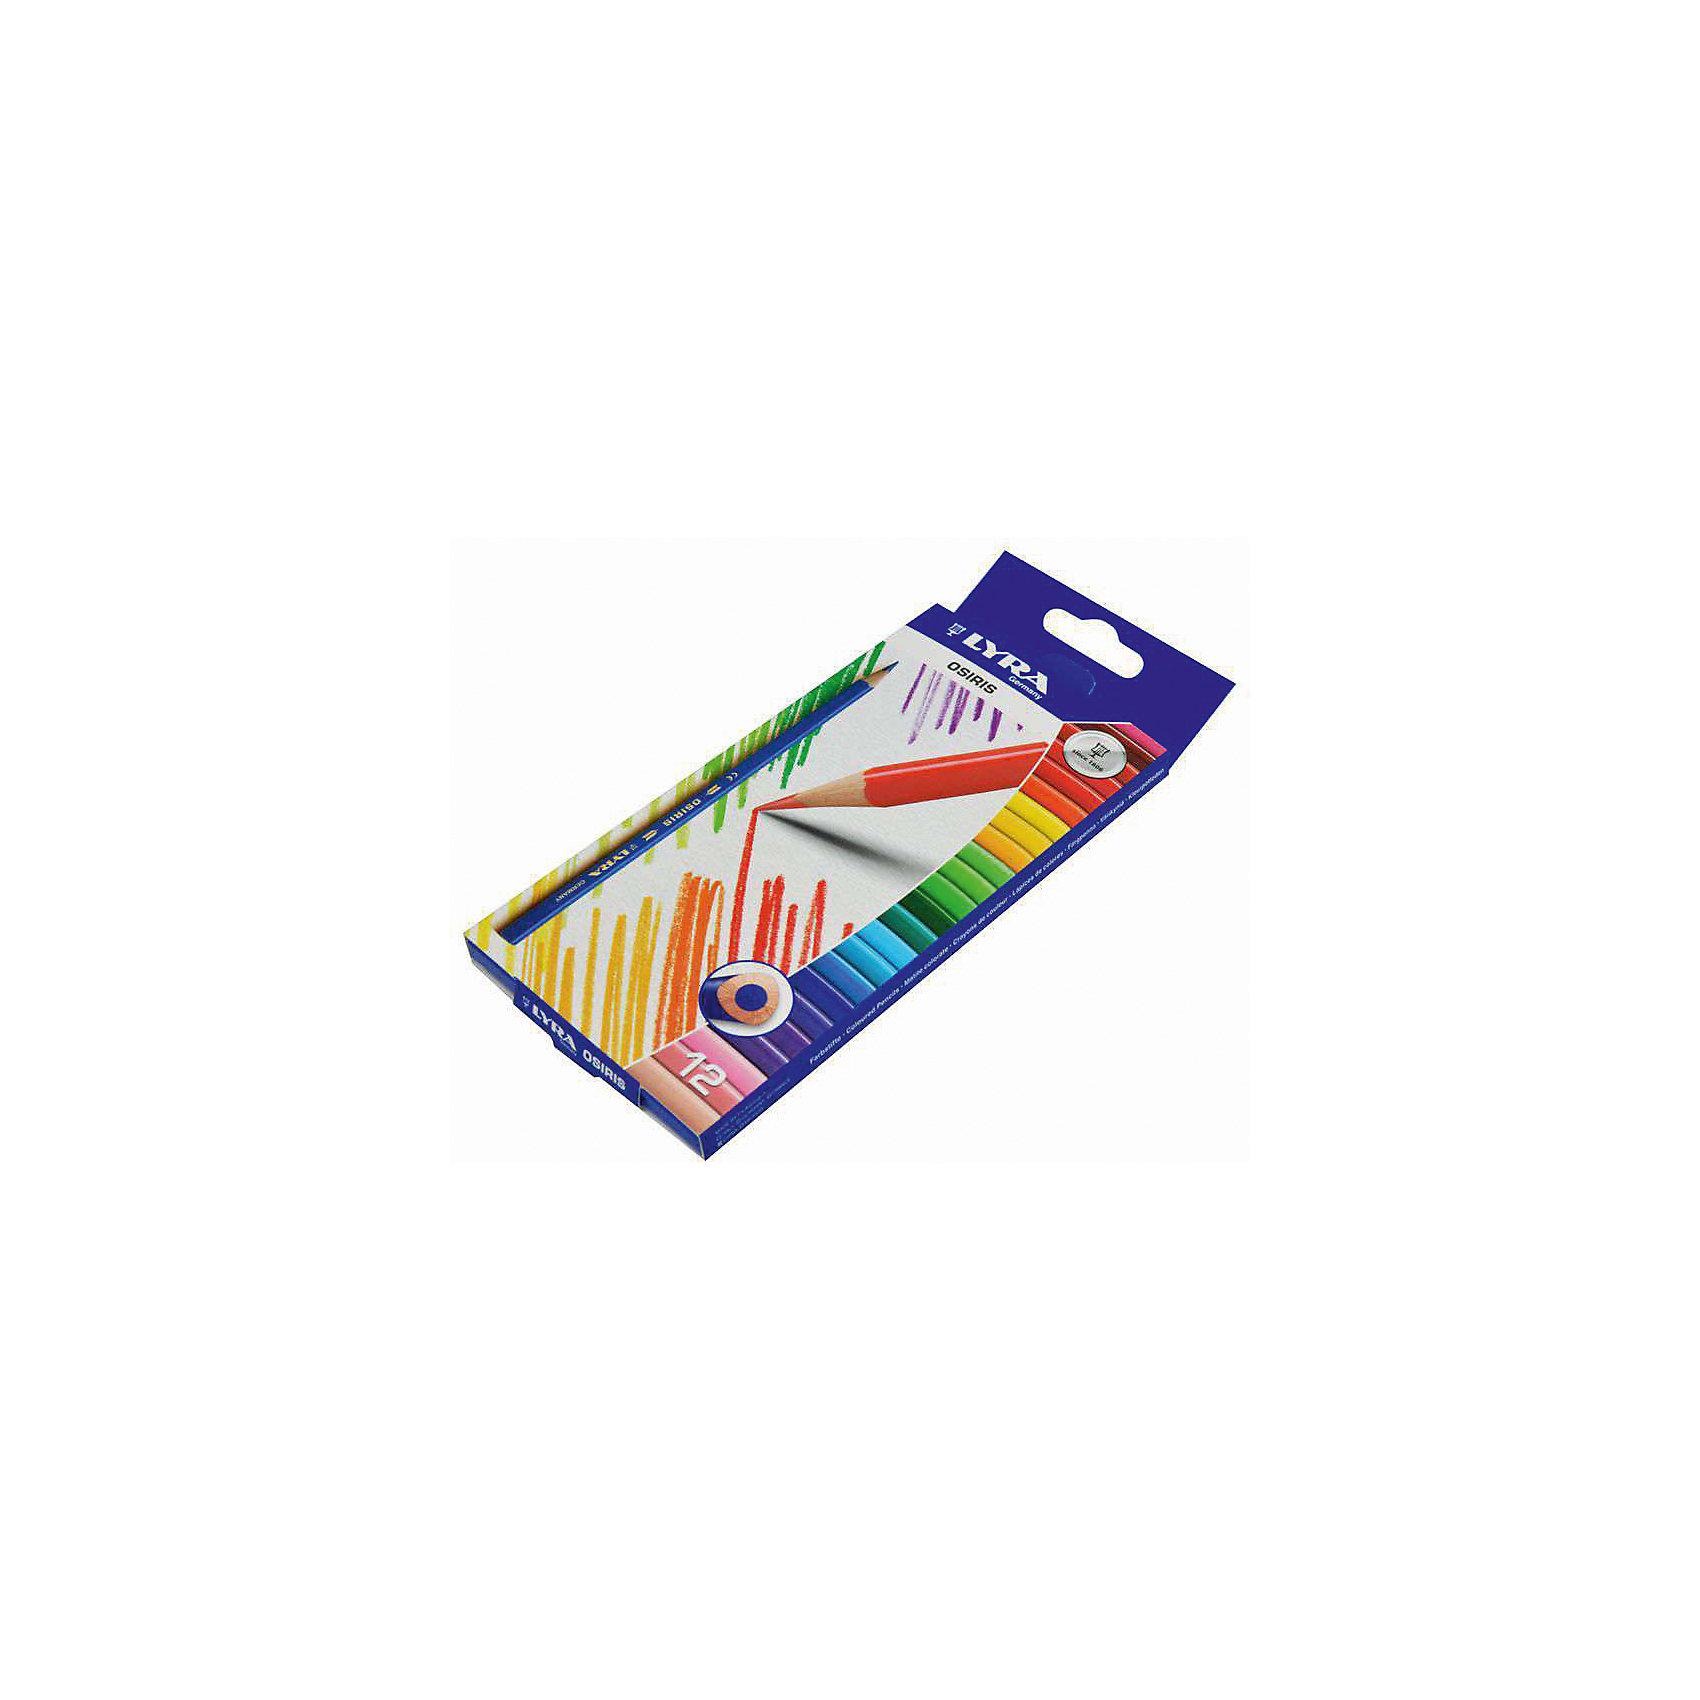 Цветные треугольные карандаши, 12 шт.Письменные принадлежности<br>Цветные треугольные карандаши, 12 шт.  Диаметр грифеля 2,8 мм. Экономичная линейка карандашей<br><br>Ширина мм: 212<br>Глубина мм: 90<br>Высота мм: 10<br>Вес г: 79<br>Возраст от месяцев: 60<br>Возраст до месяцев: 1200<br>Пол: Унисекс<br>Возраст: Детский<br>SKU: 1612366